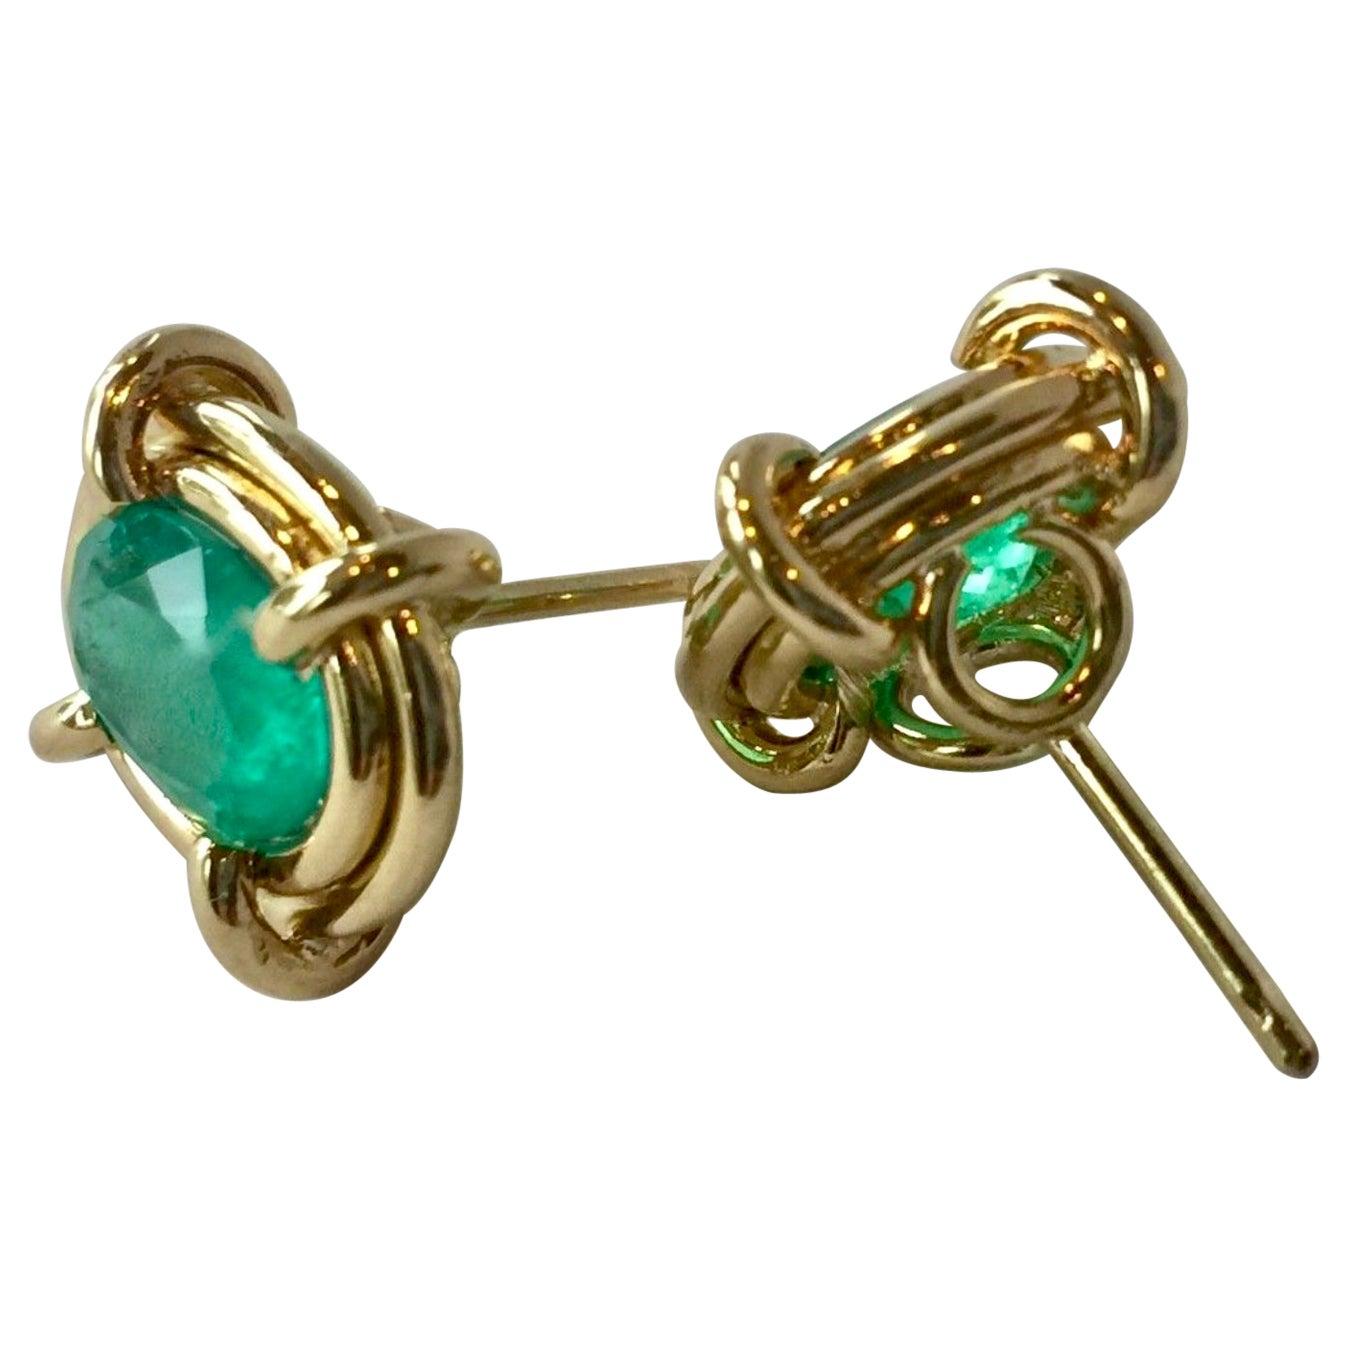 5.28 Carat Colombian Emerald Elegant Earrings Oval 18 Karat